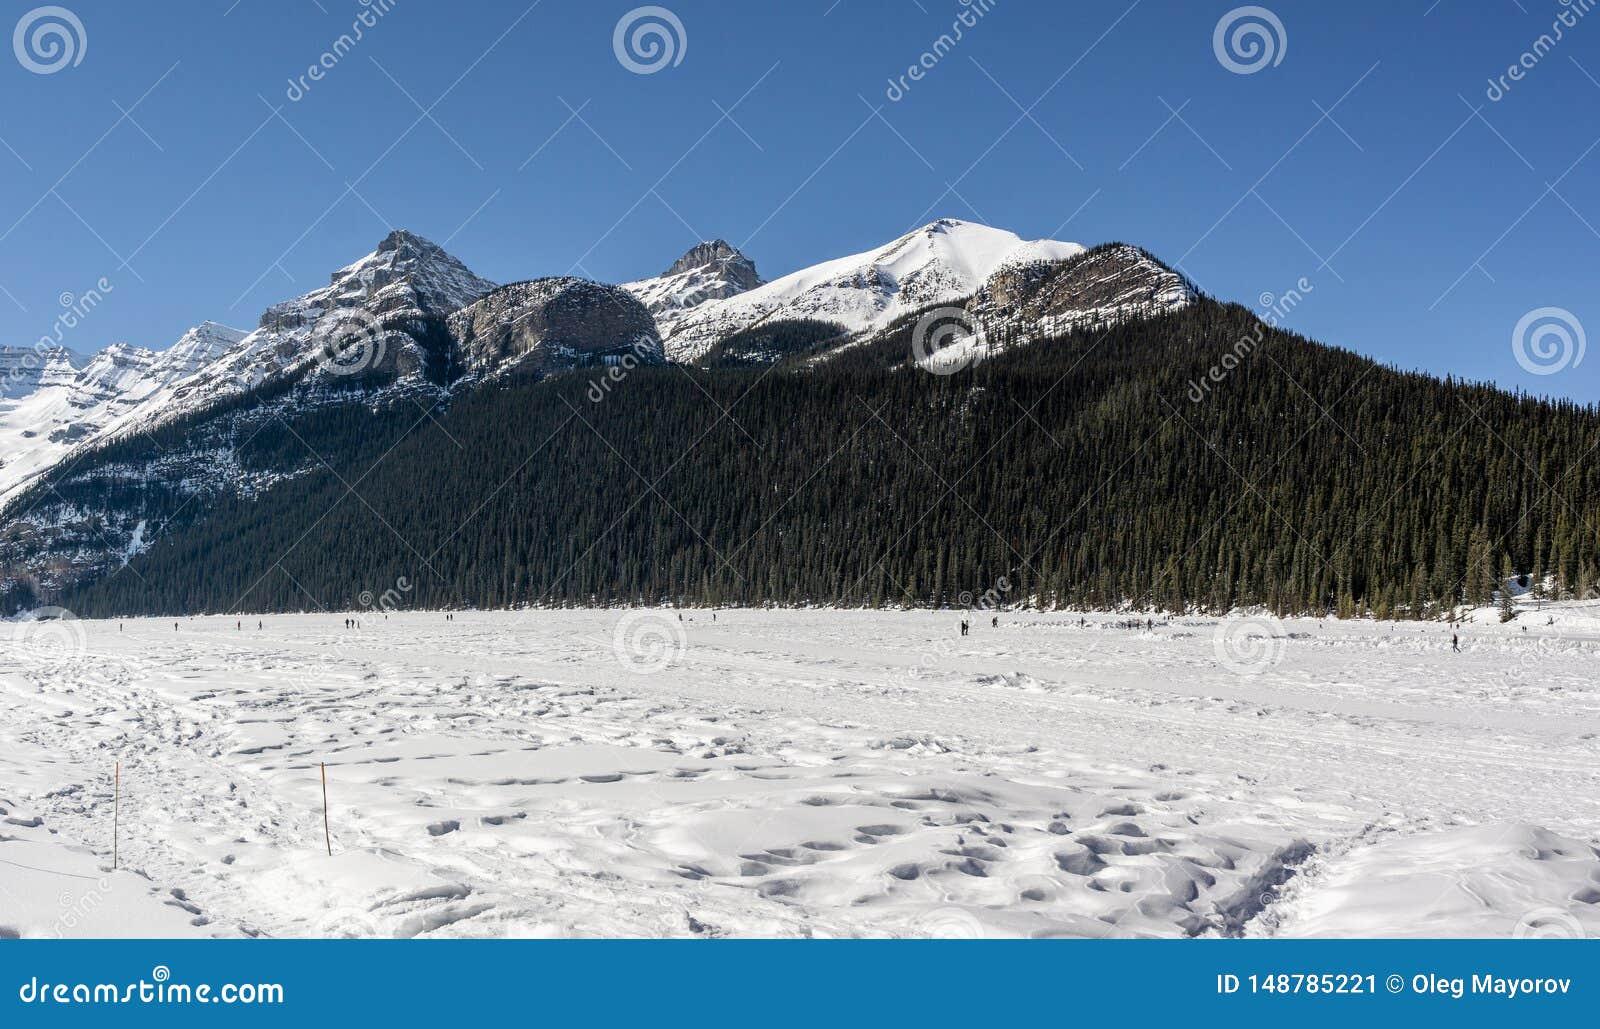 Meer Louise, CANADA - MAART 20, 2019: bevroren meer en bergen met sneeuwpieken